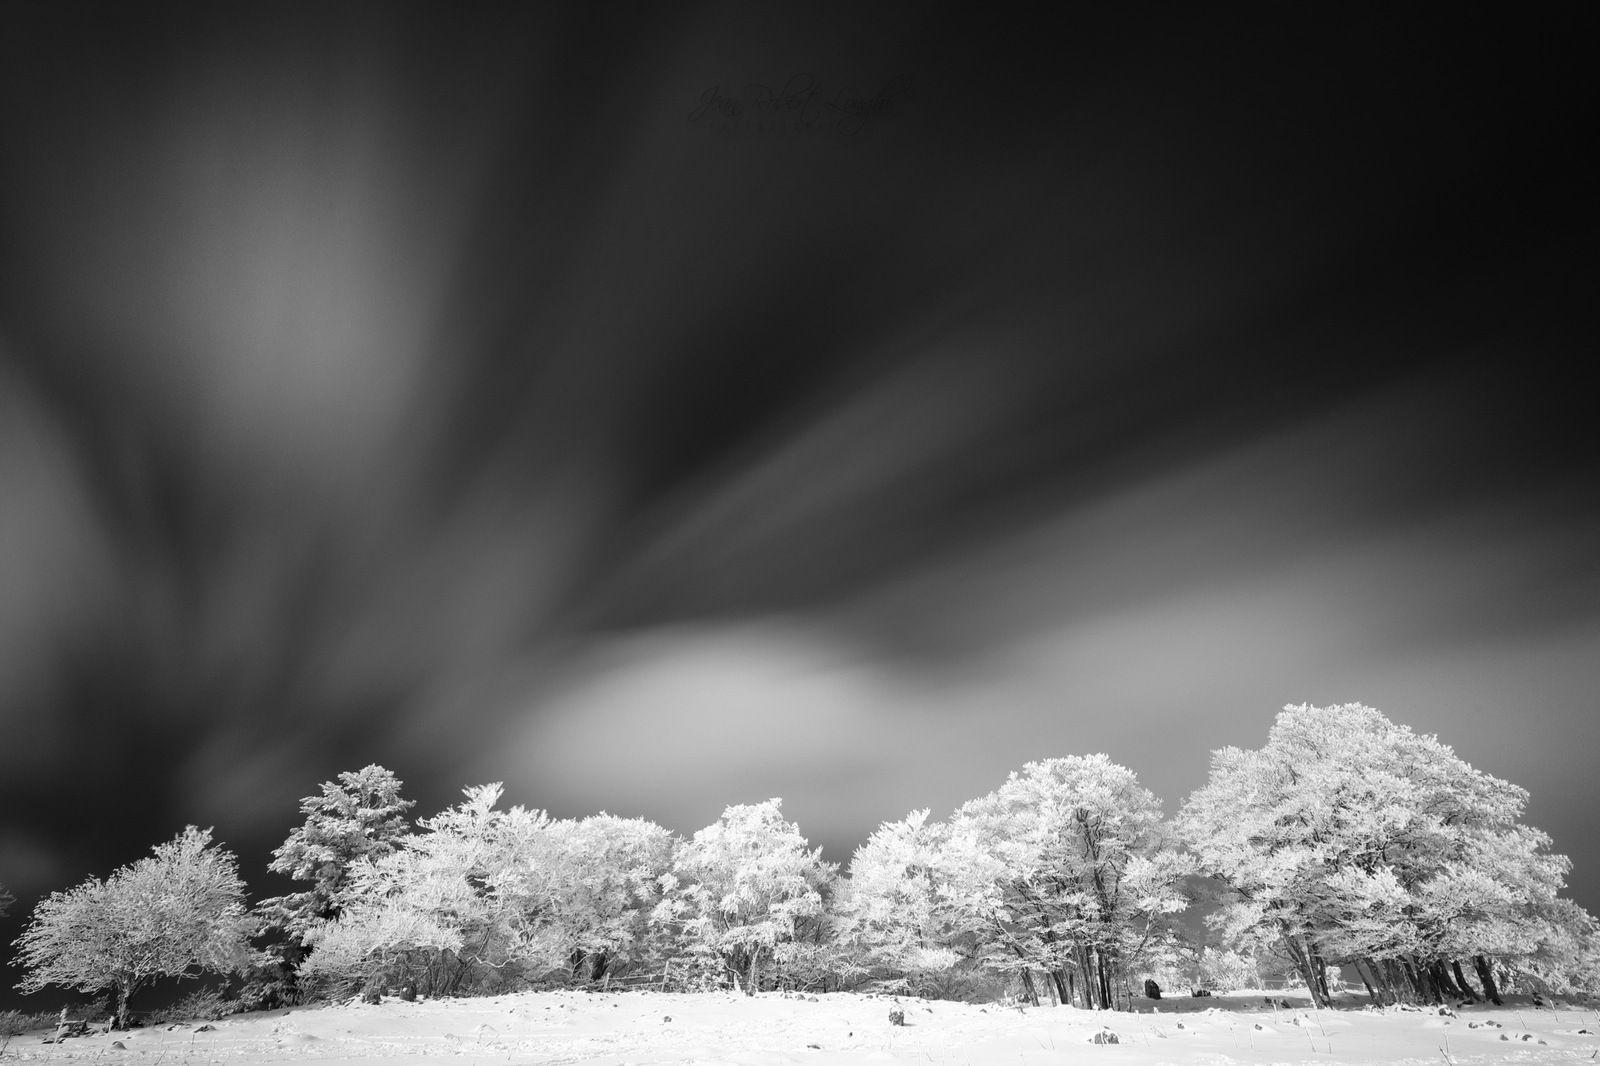 Le Larmont - Hiver - 26 - ©2021 Jean-Robert Longhi Photographie non libre de droits.